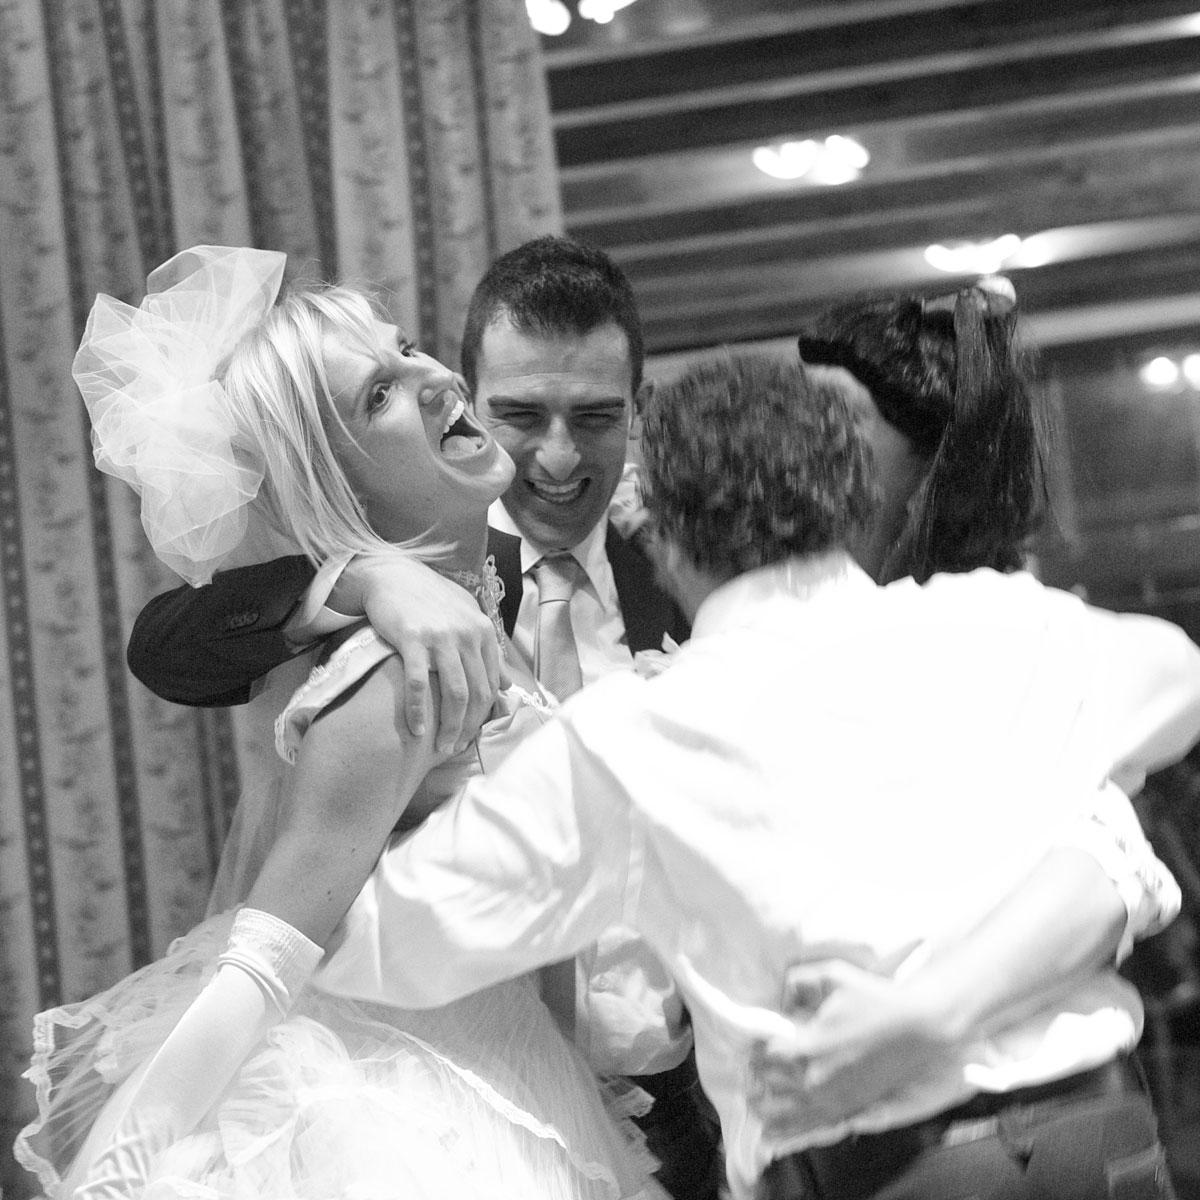 matrimoni-festa_002_SP